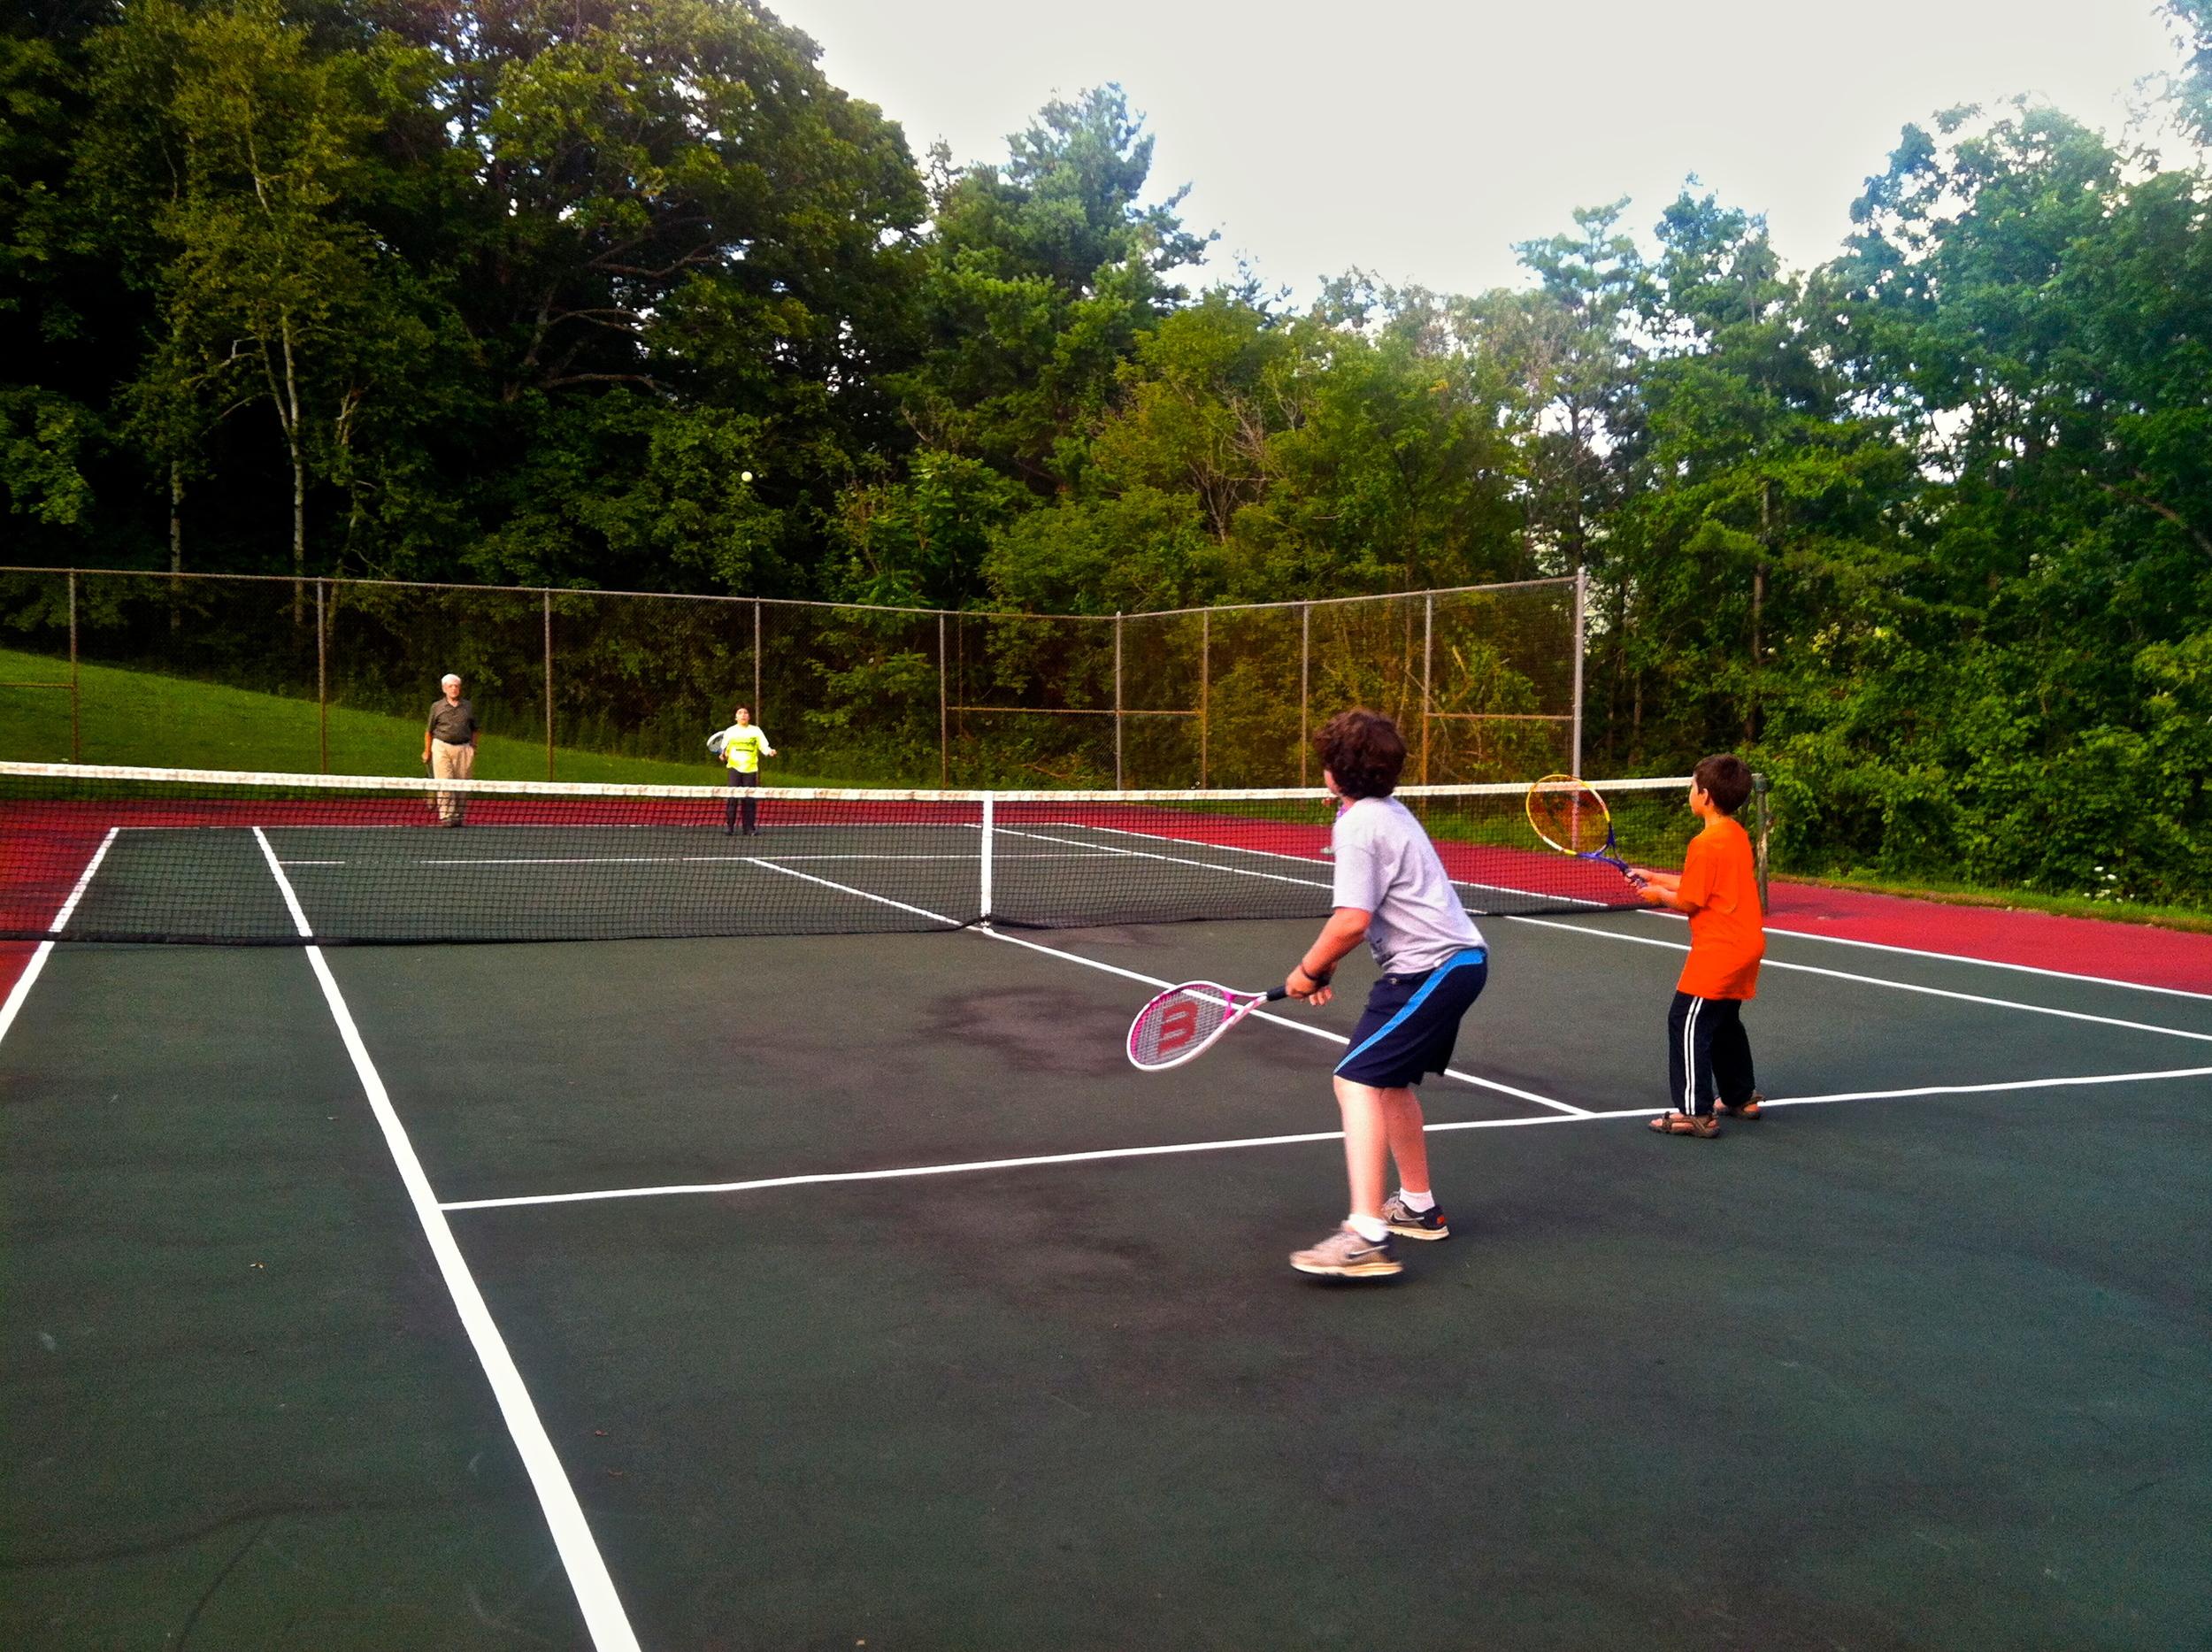 tennis with kids edit.JPG